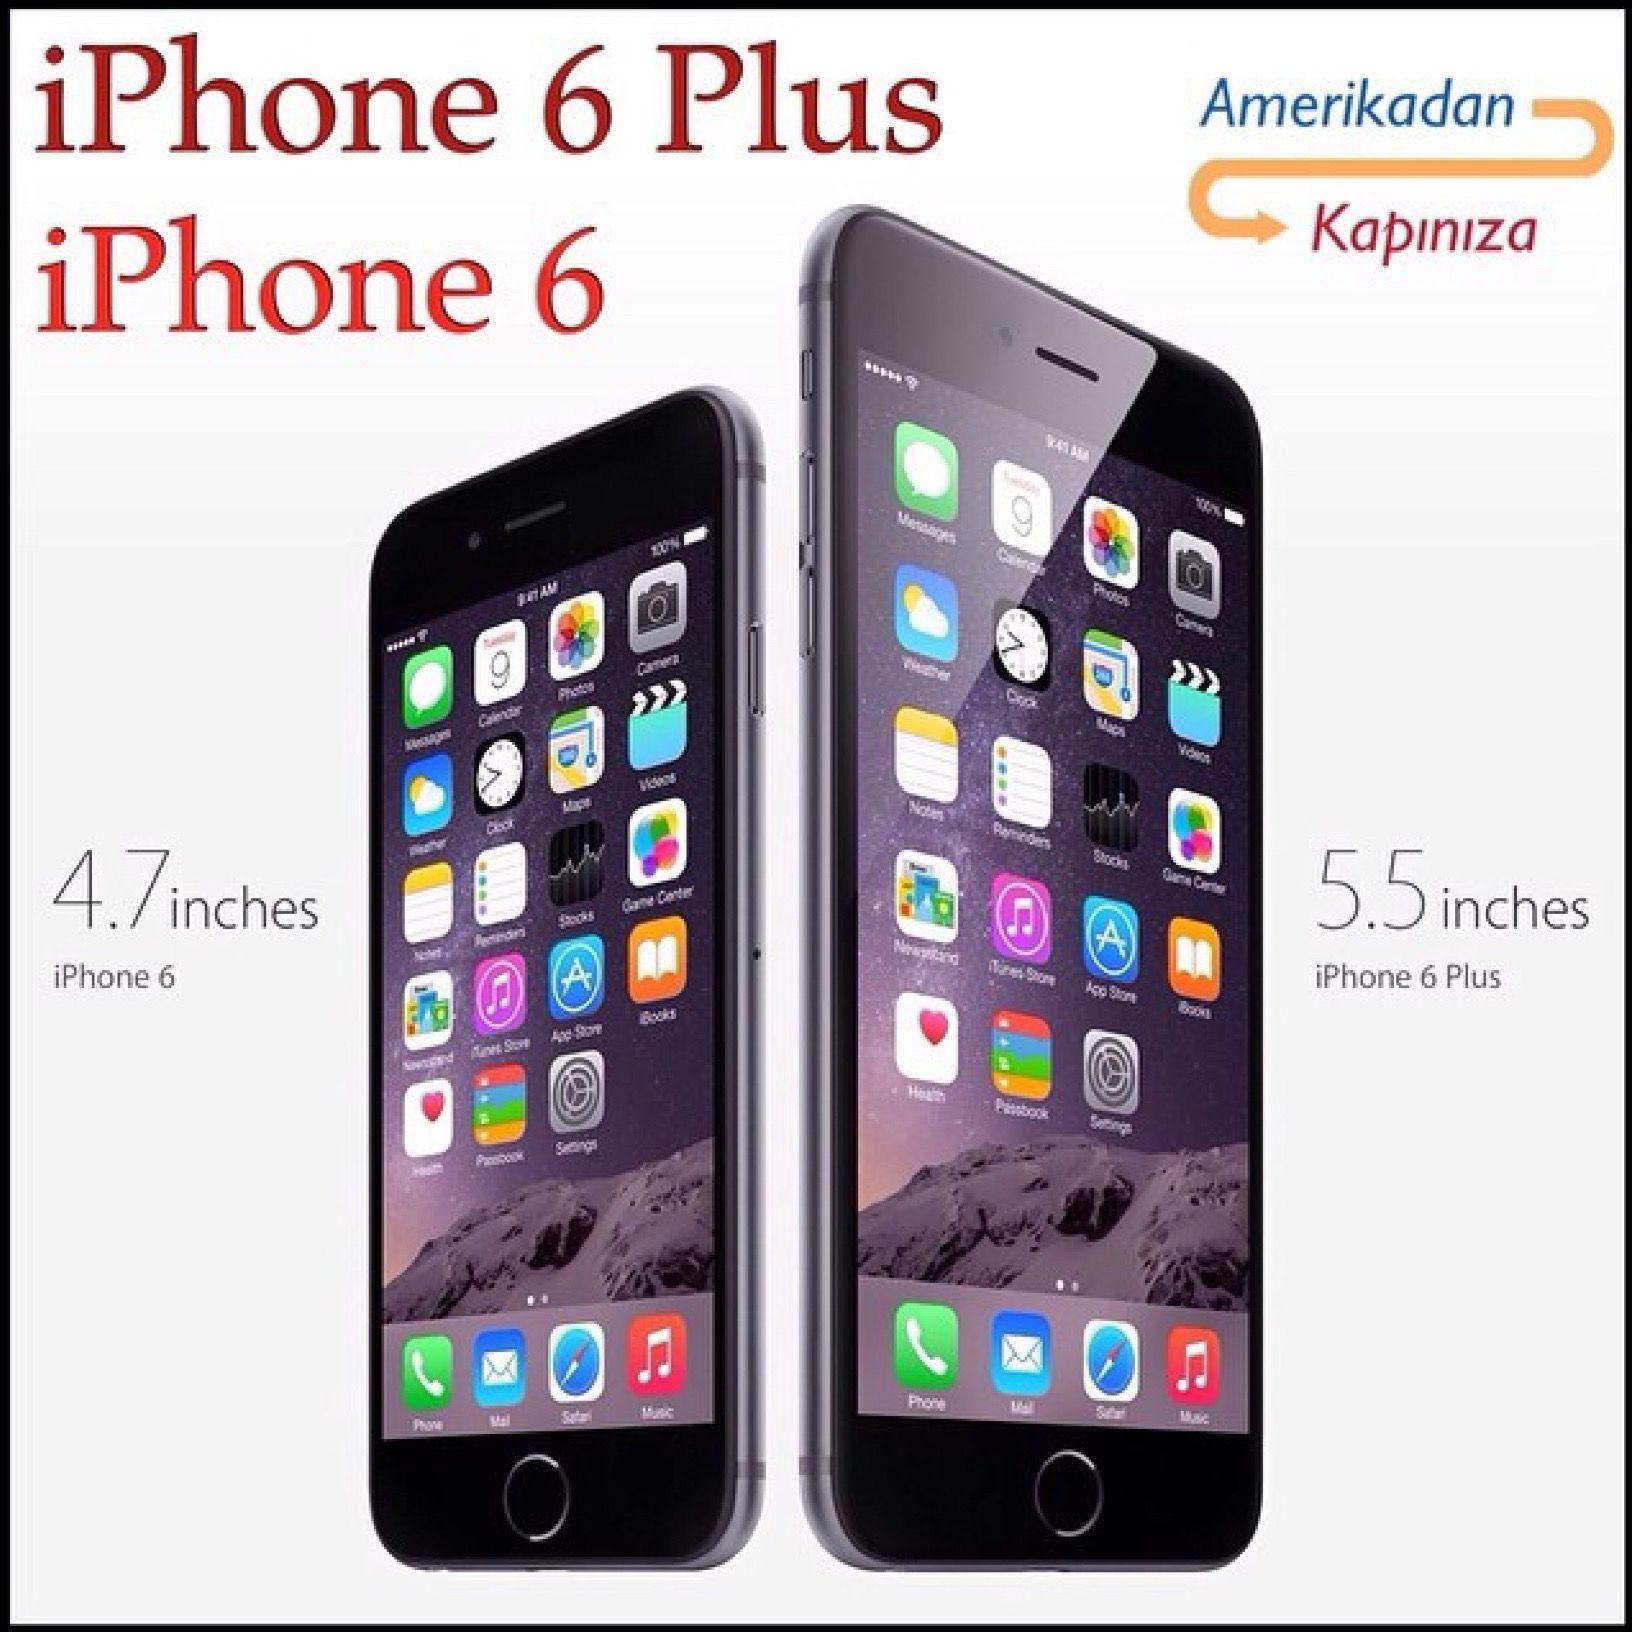 Asla Apple dan Vazge§mem Diyenlere amerikadankapiniza apple applestore iphone iphone6 iphone6plus